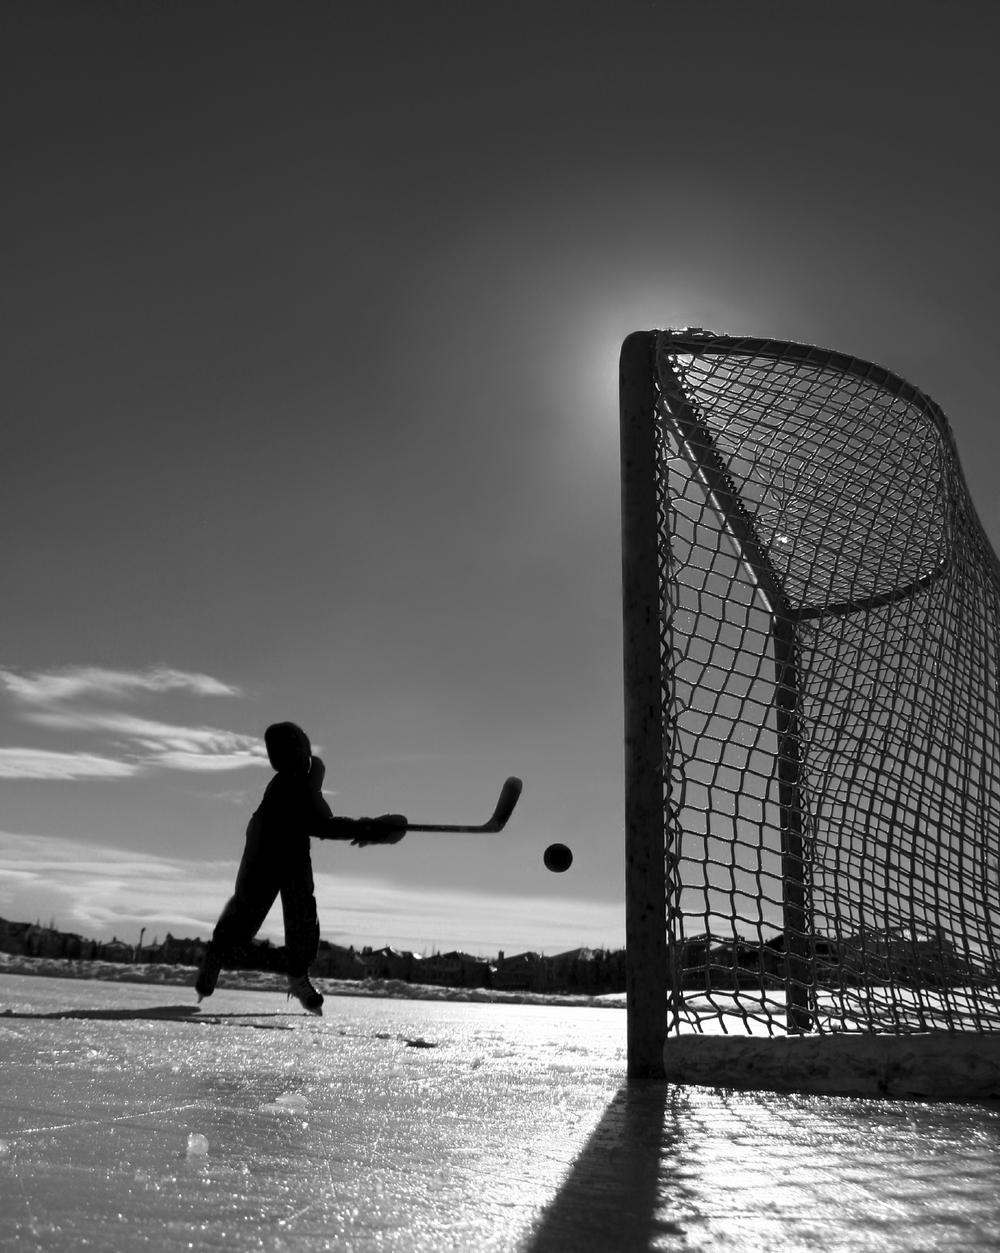 En quelque part sur la planète hockey...